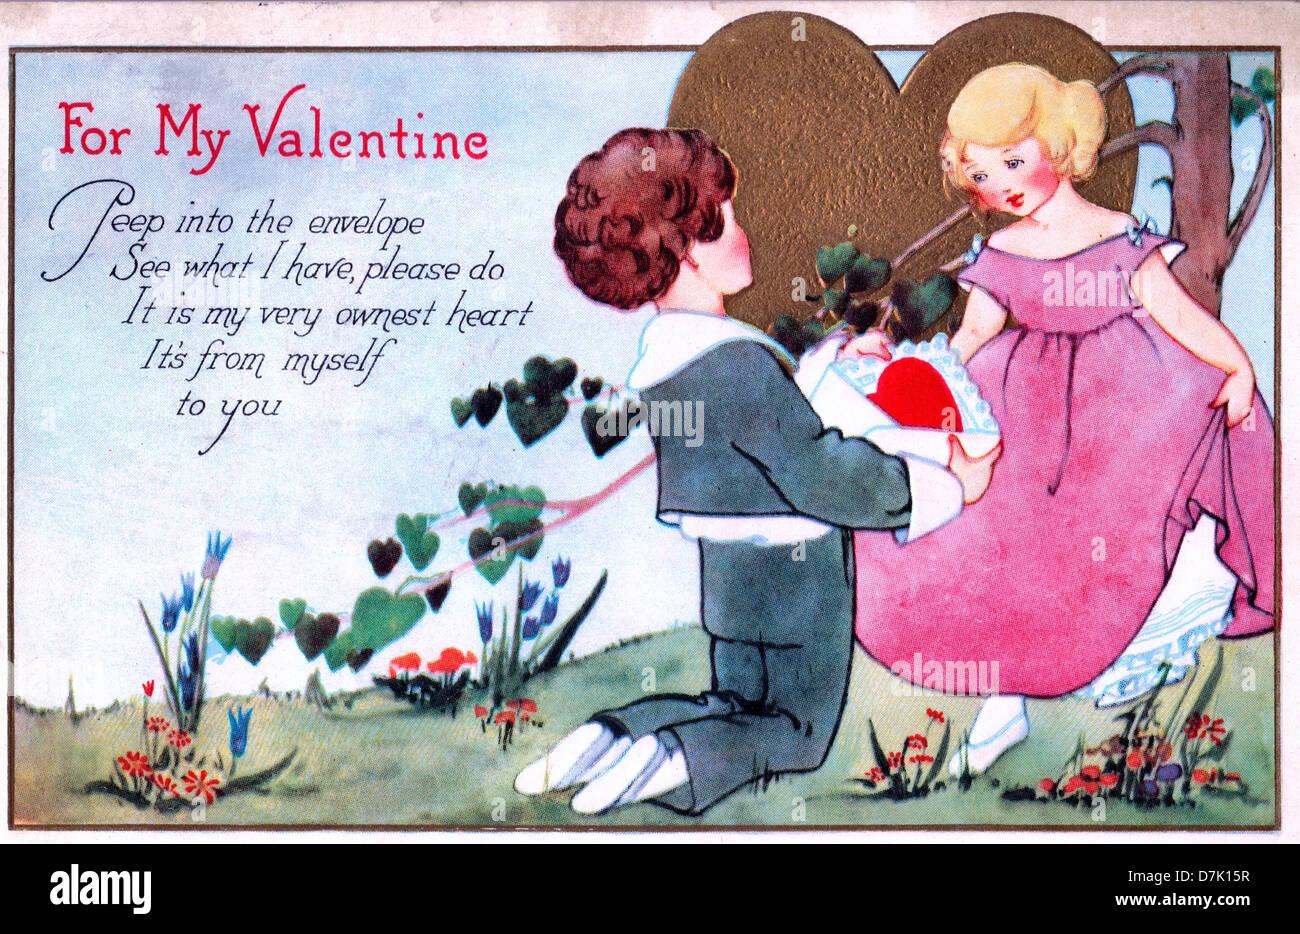 For My Valentine - Peep dans l'enveloppe, voir ce que j'ai, n, c'est mon coeur très ownest. c'est Photo Stock